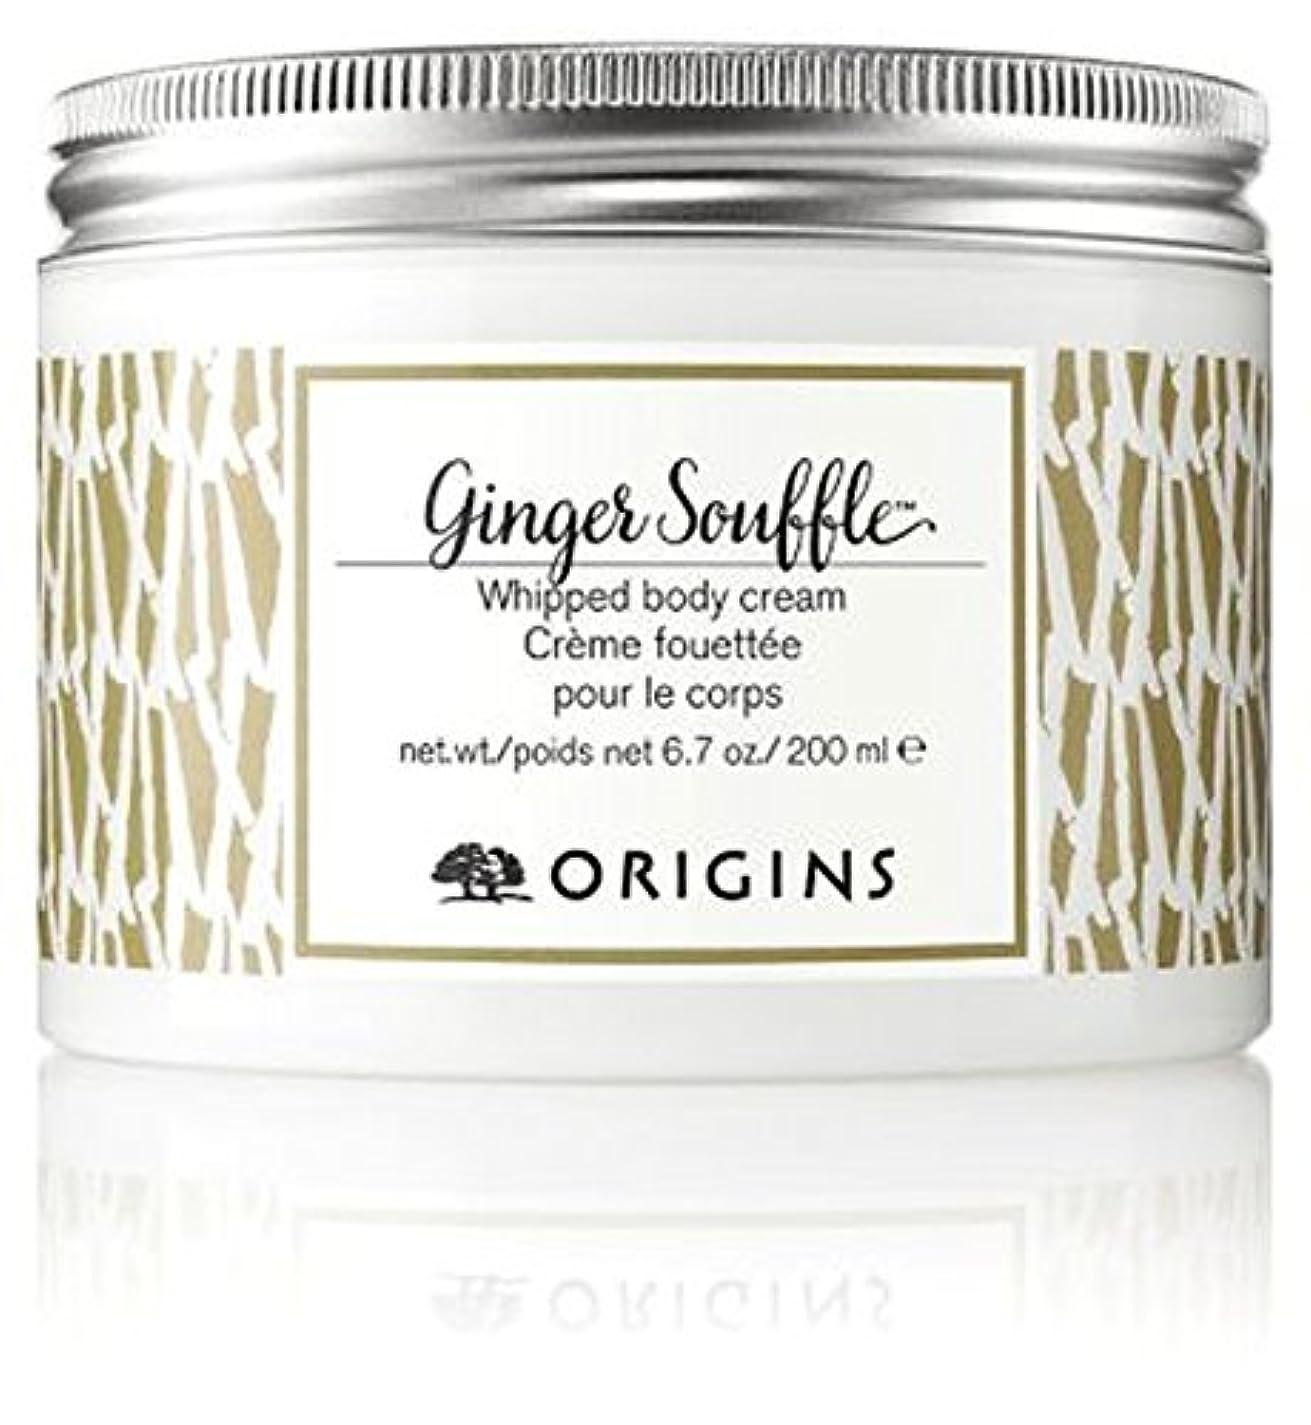 口ひげ推定南方のOrigins Ginger Souffl? Whipped body cream - 起源ジンジャースフレホイップボディクリーム (Origins) [並行輸入品]